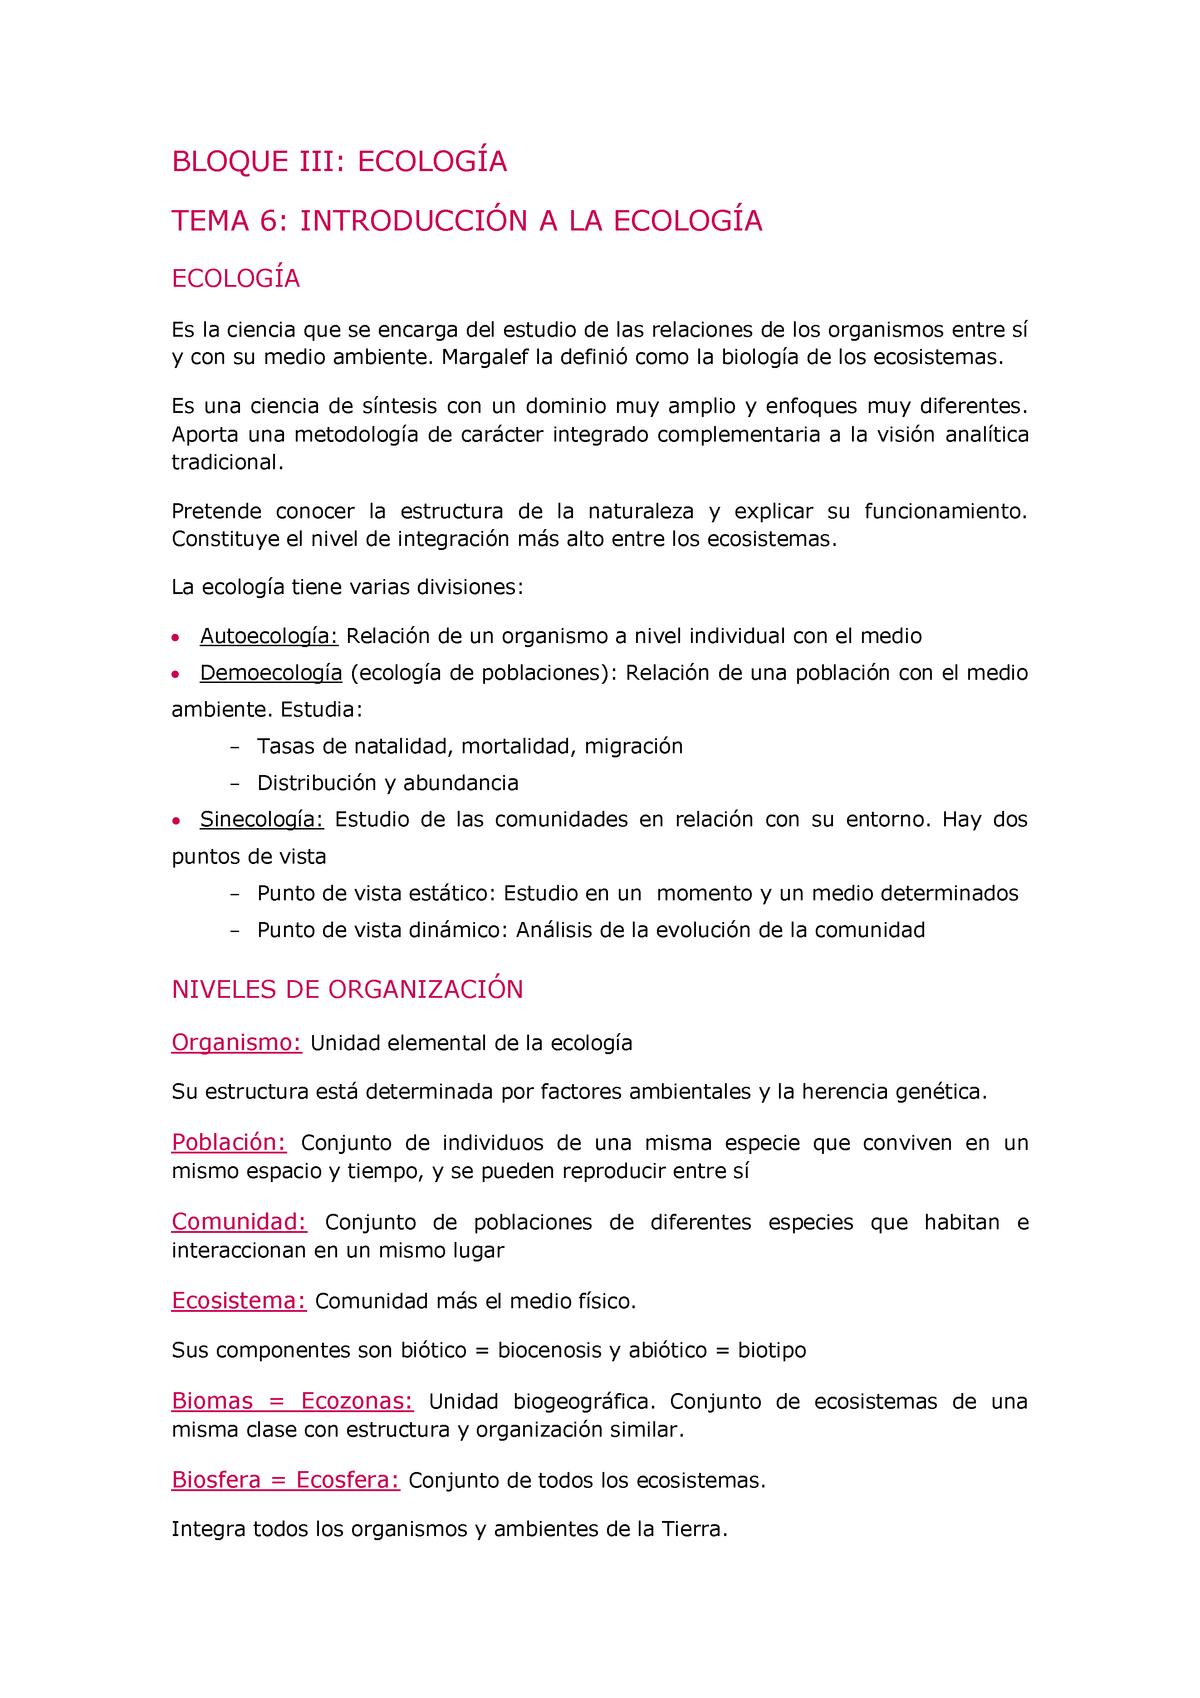 Apuntes Esquem áticos Ecología I Biología General 40605